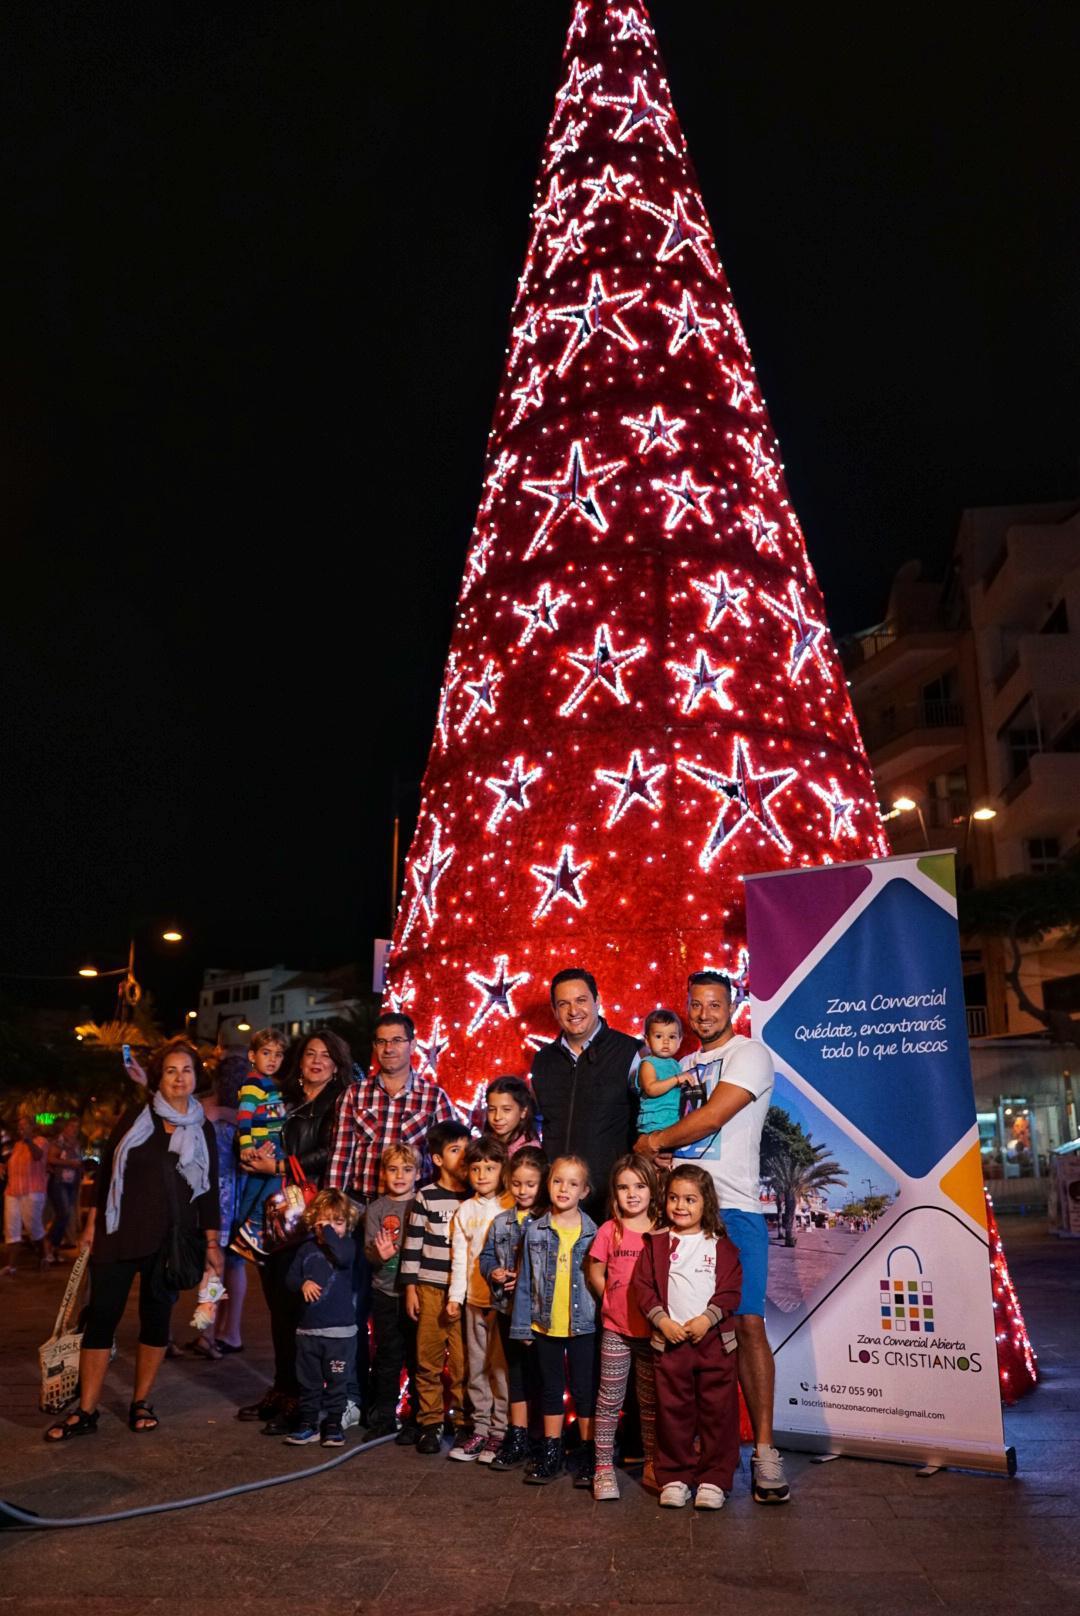 Arona inaugura su iluminación navideña con un árbol gigante junto al mar y más de 1.200 adornos en las calles del municipio